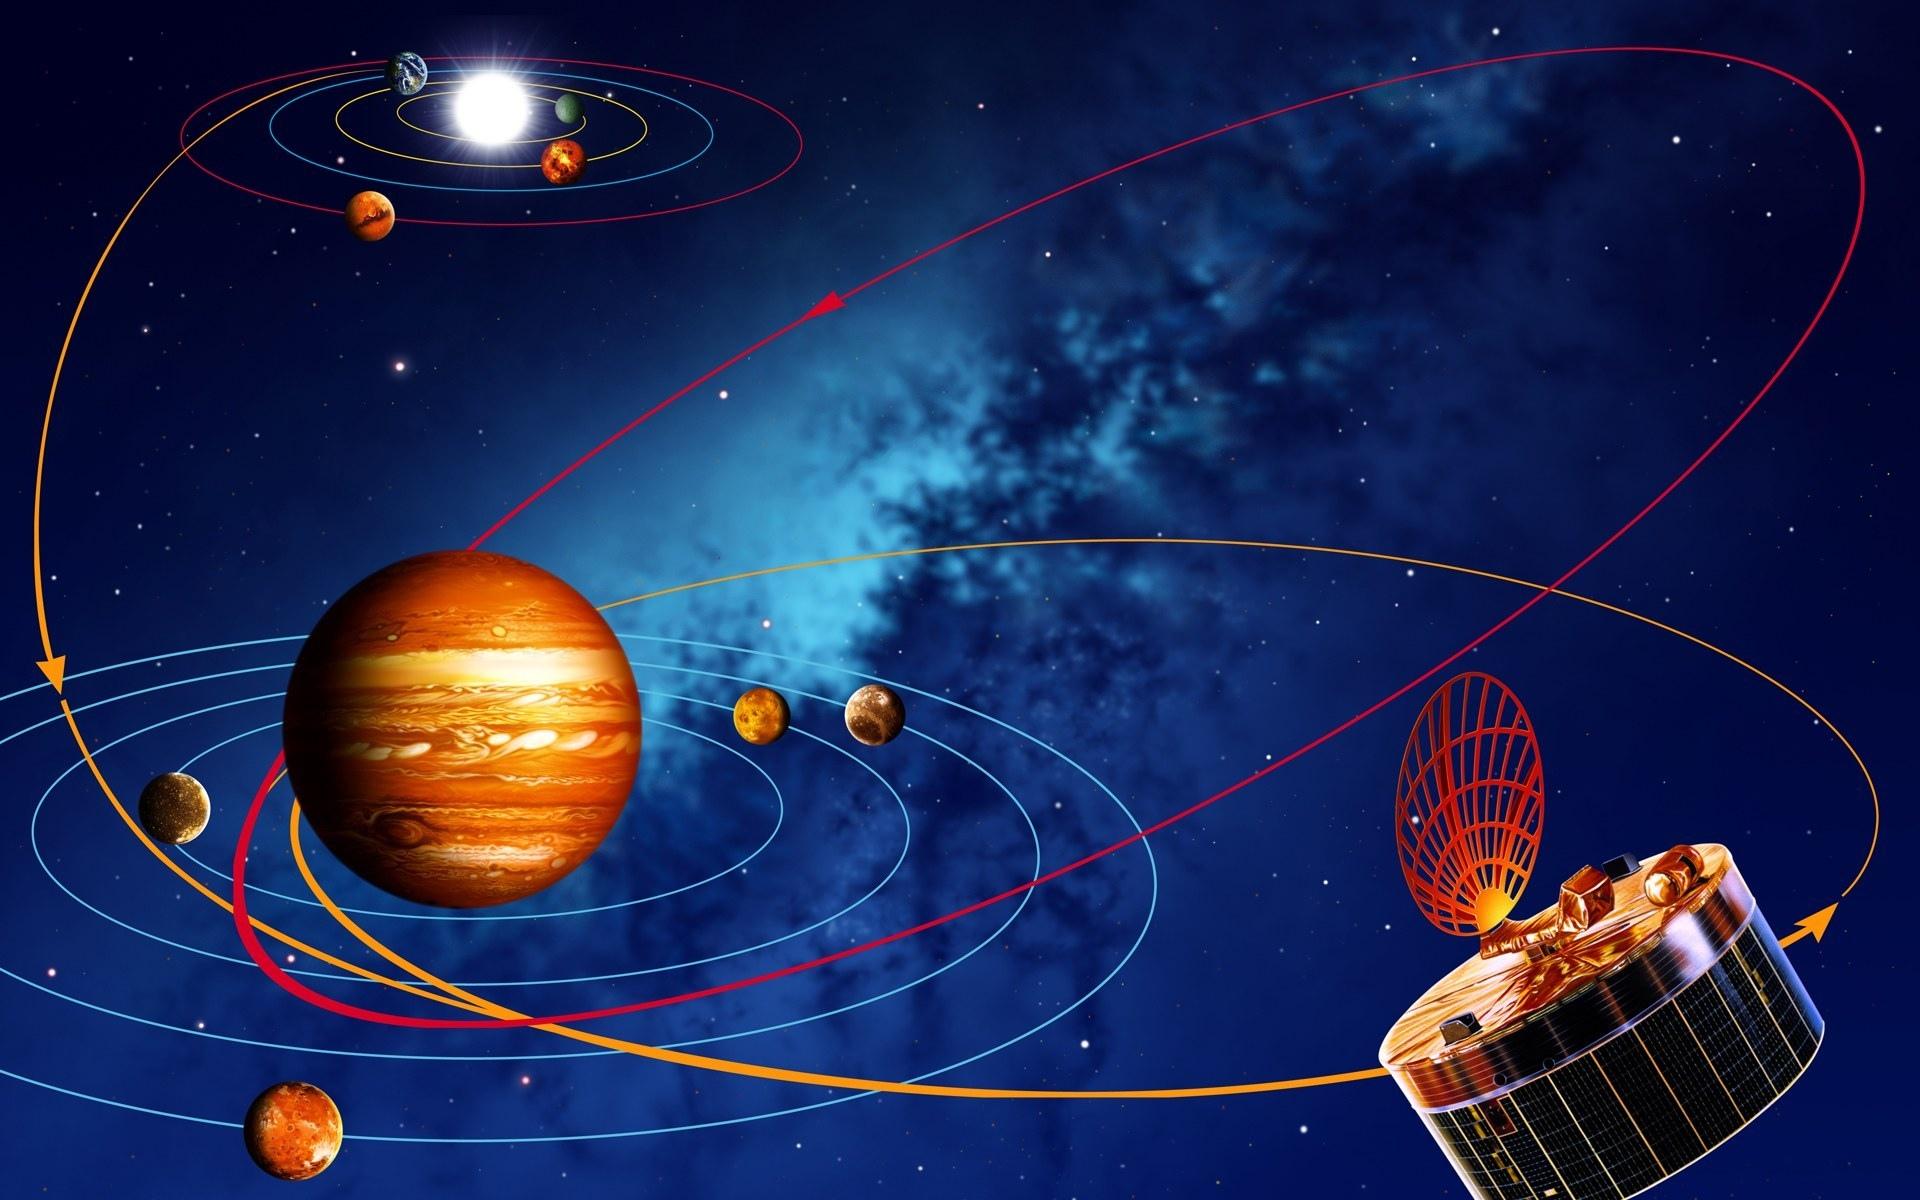 Космический корабль гагарина фото